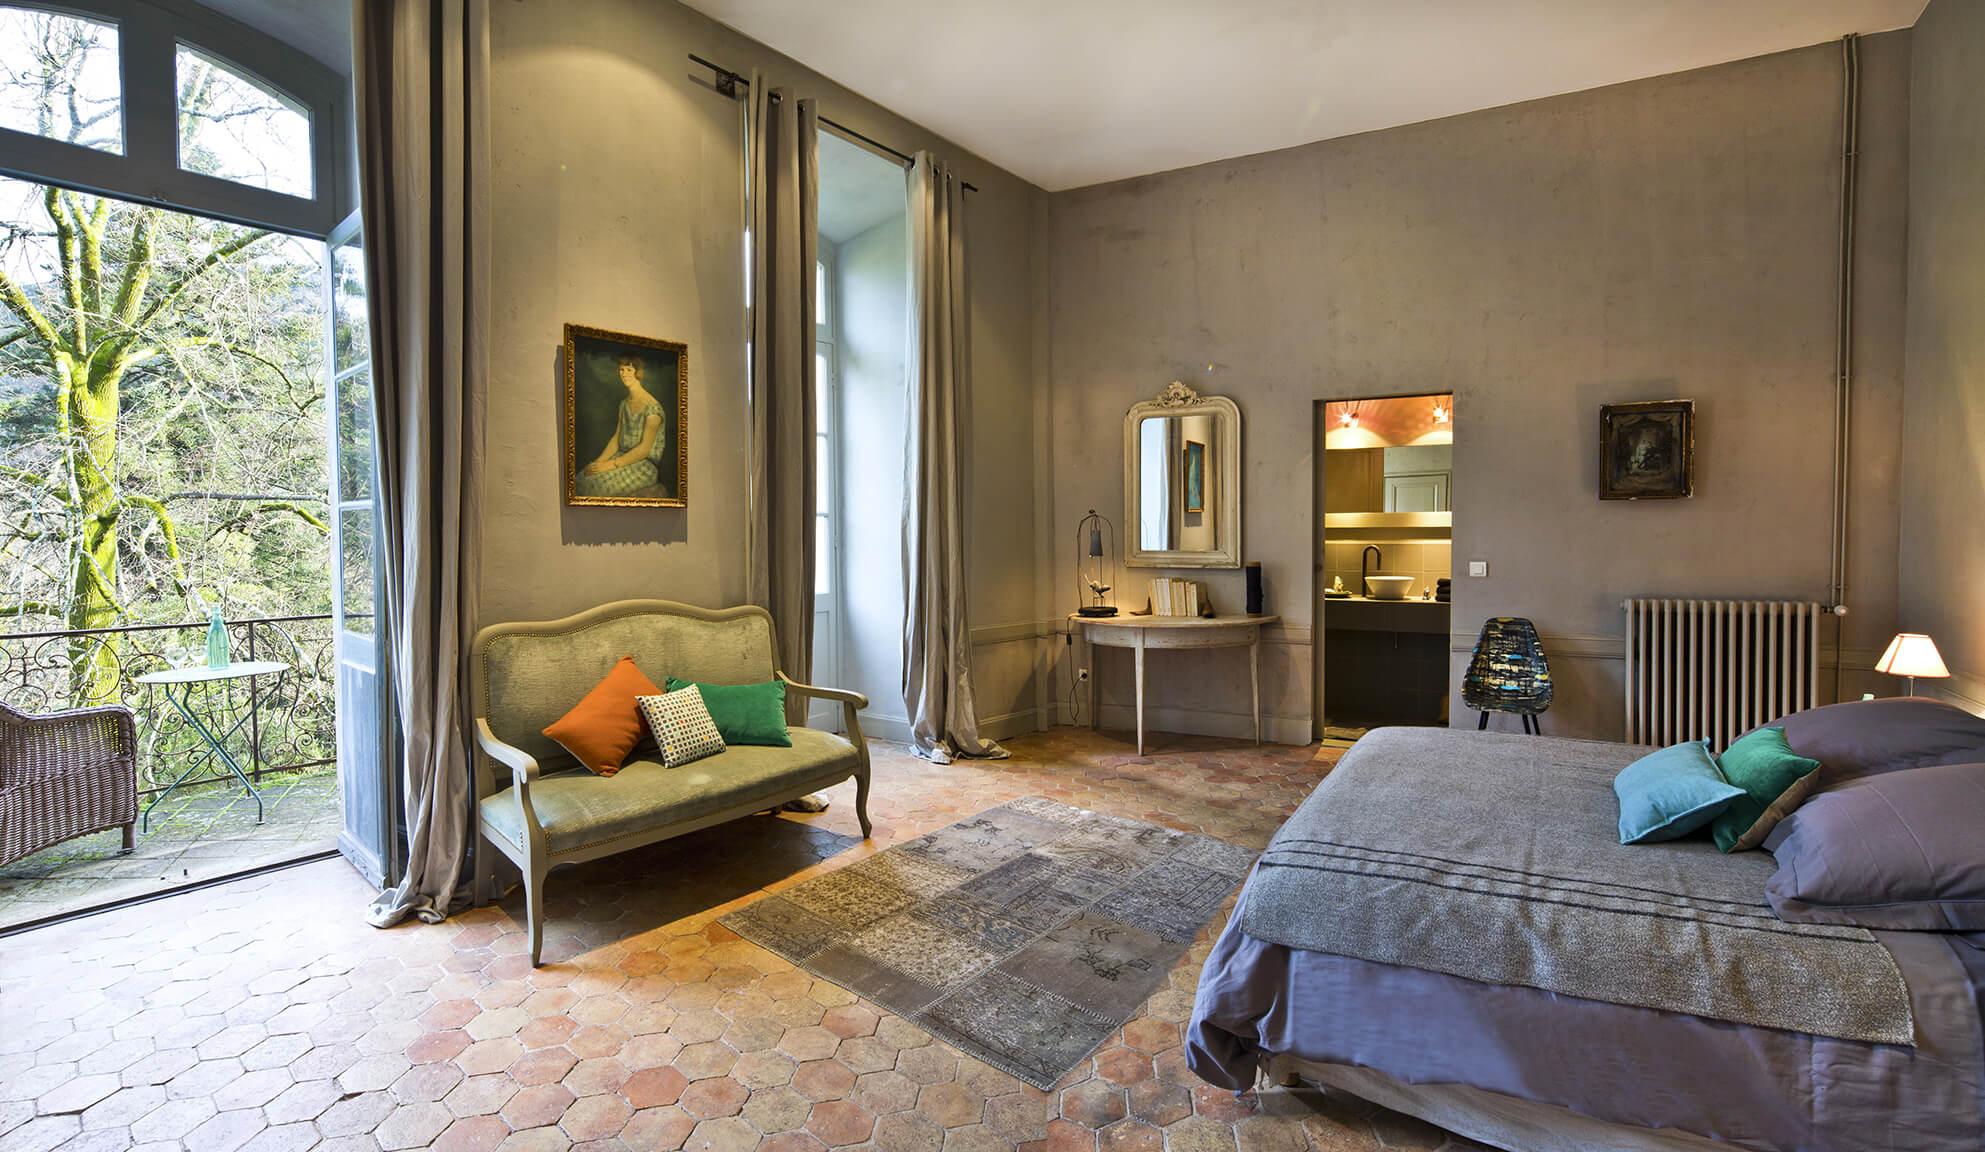 maison d hote de charme drome provencale avie home. Black Bedroom Furniture Sets. Home Design Ideas